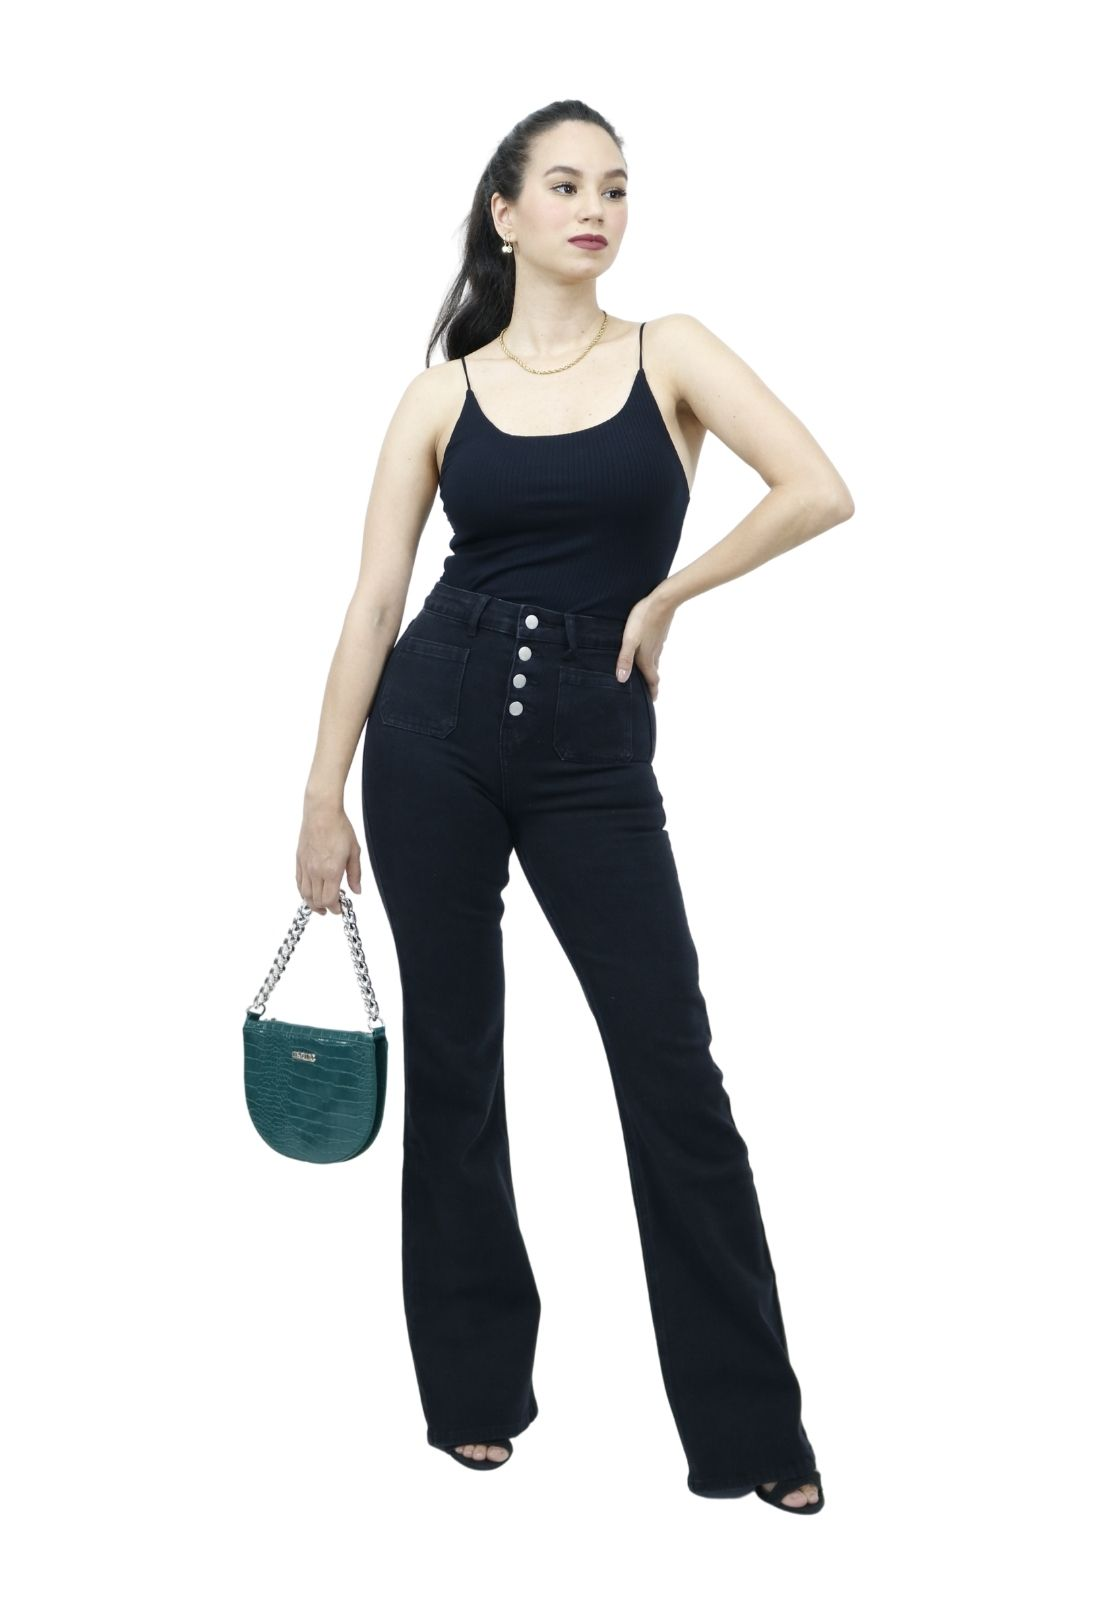 Calça Feminina Jeans Black Flare Com botões